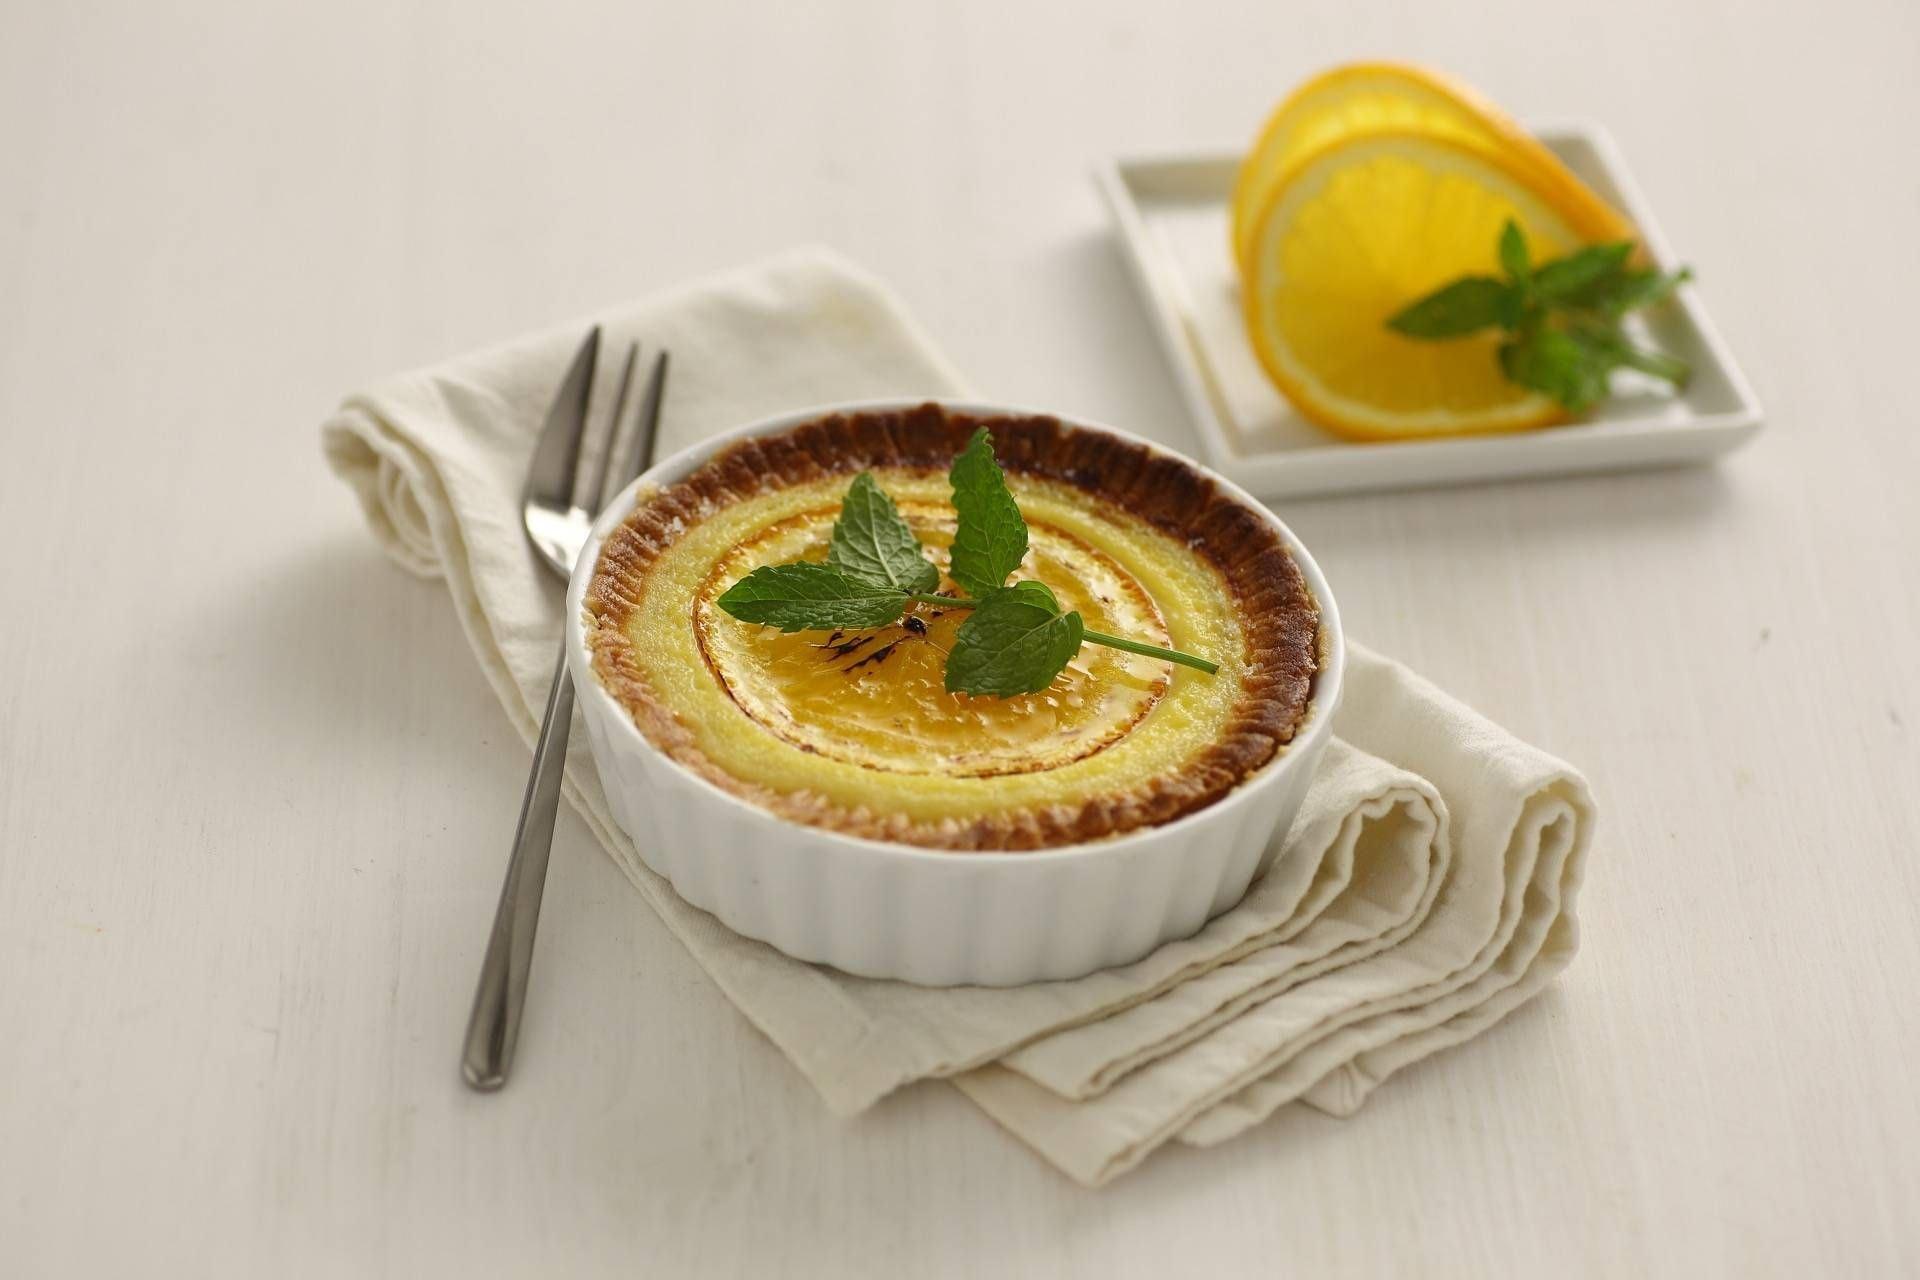 Crostatine all'arancia - Parmalat